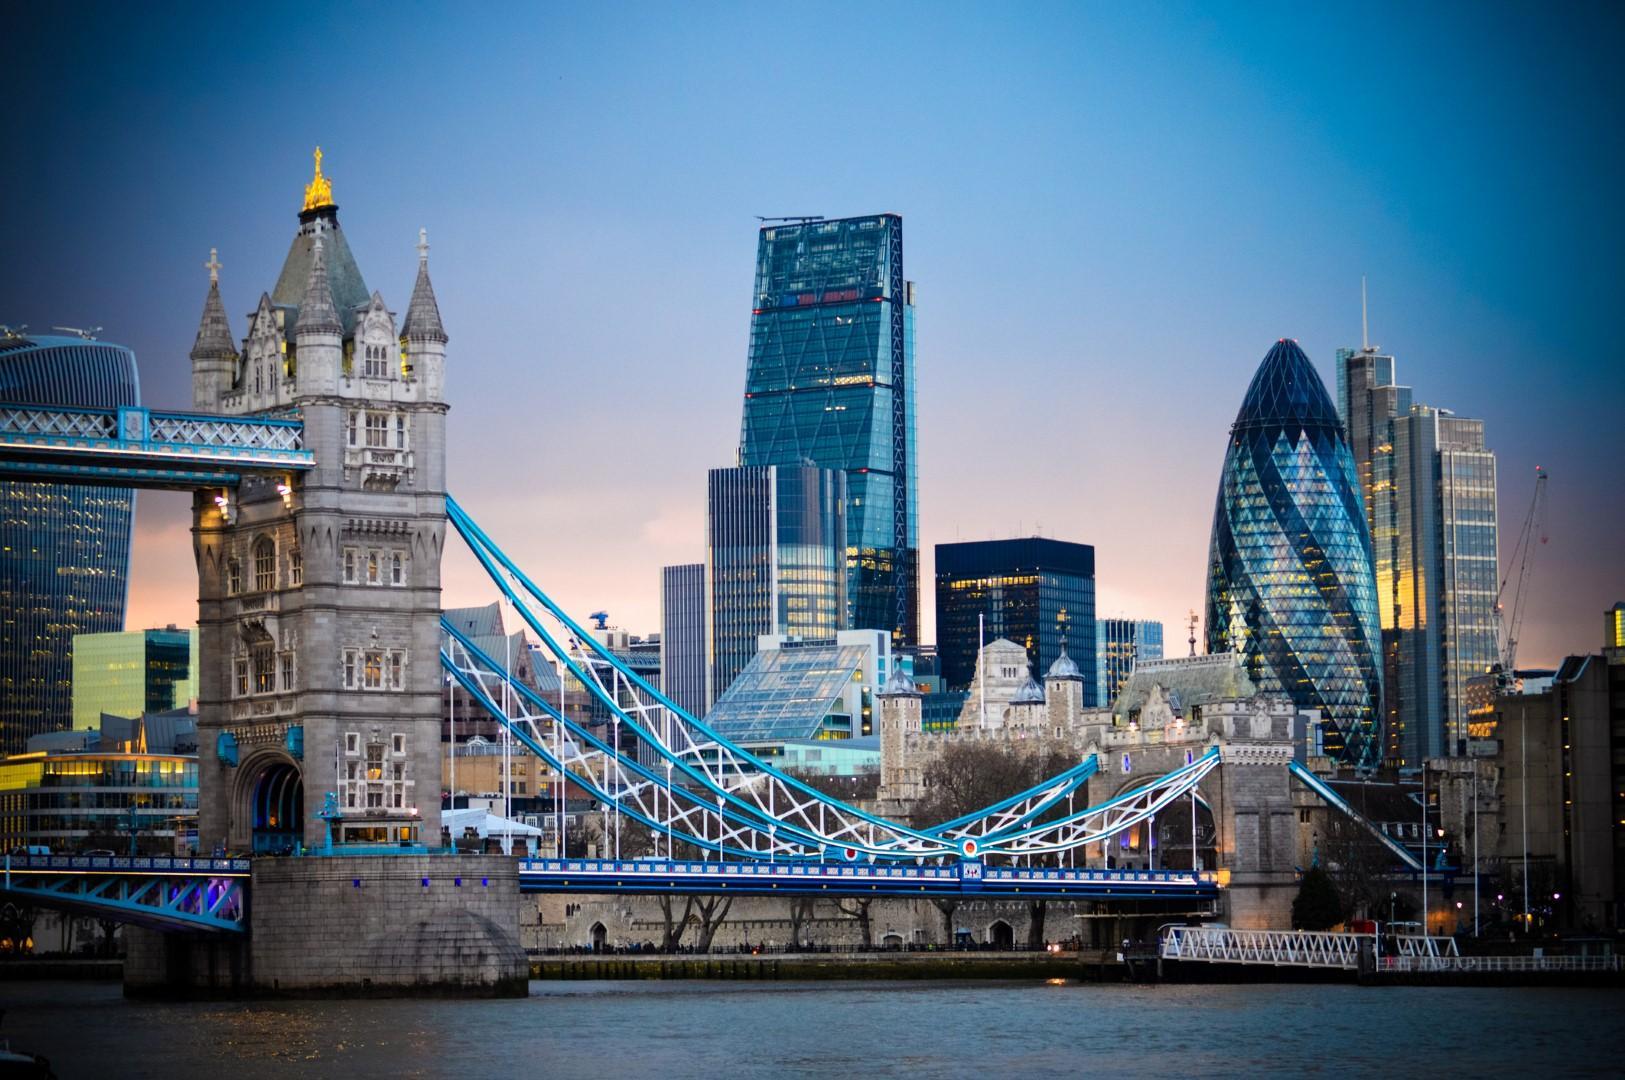 Londra: Natale incantevole all'insegna della musica